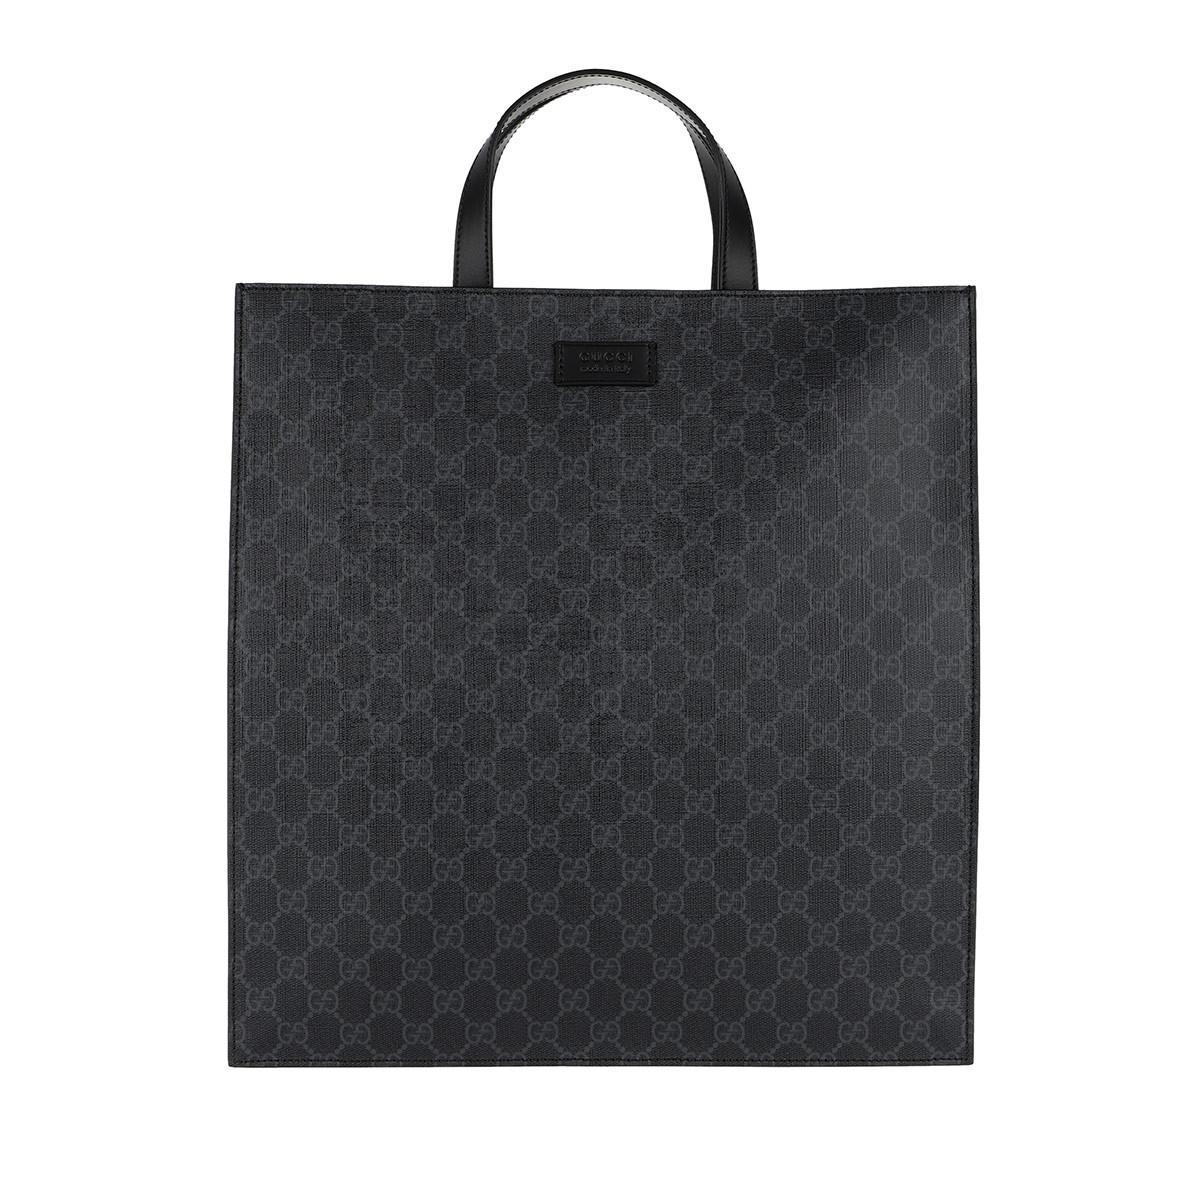 952edf4f70e70c Gucci Soft Gg Supreme Men Tote Black in Black - Lyst